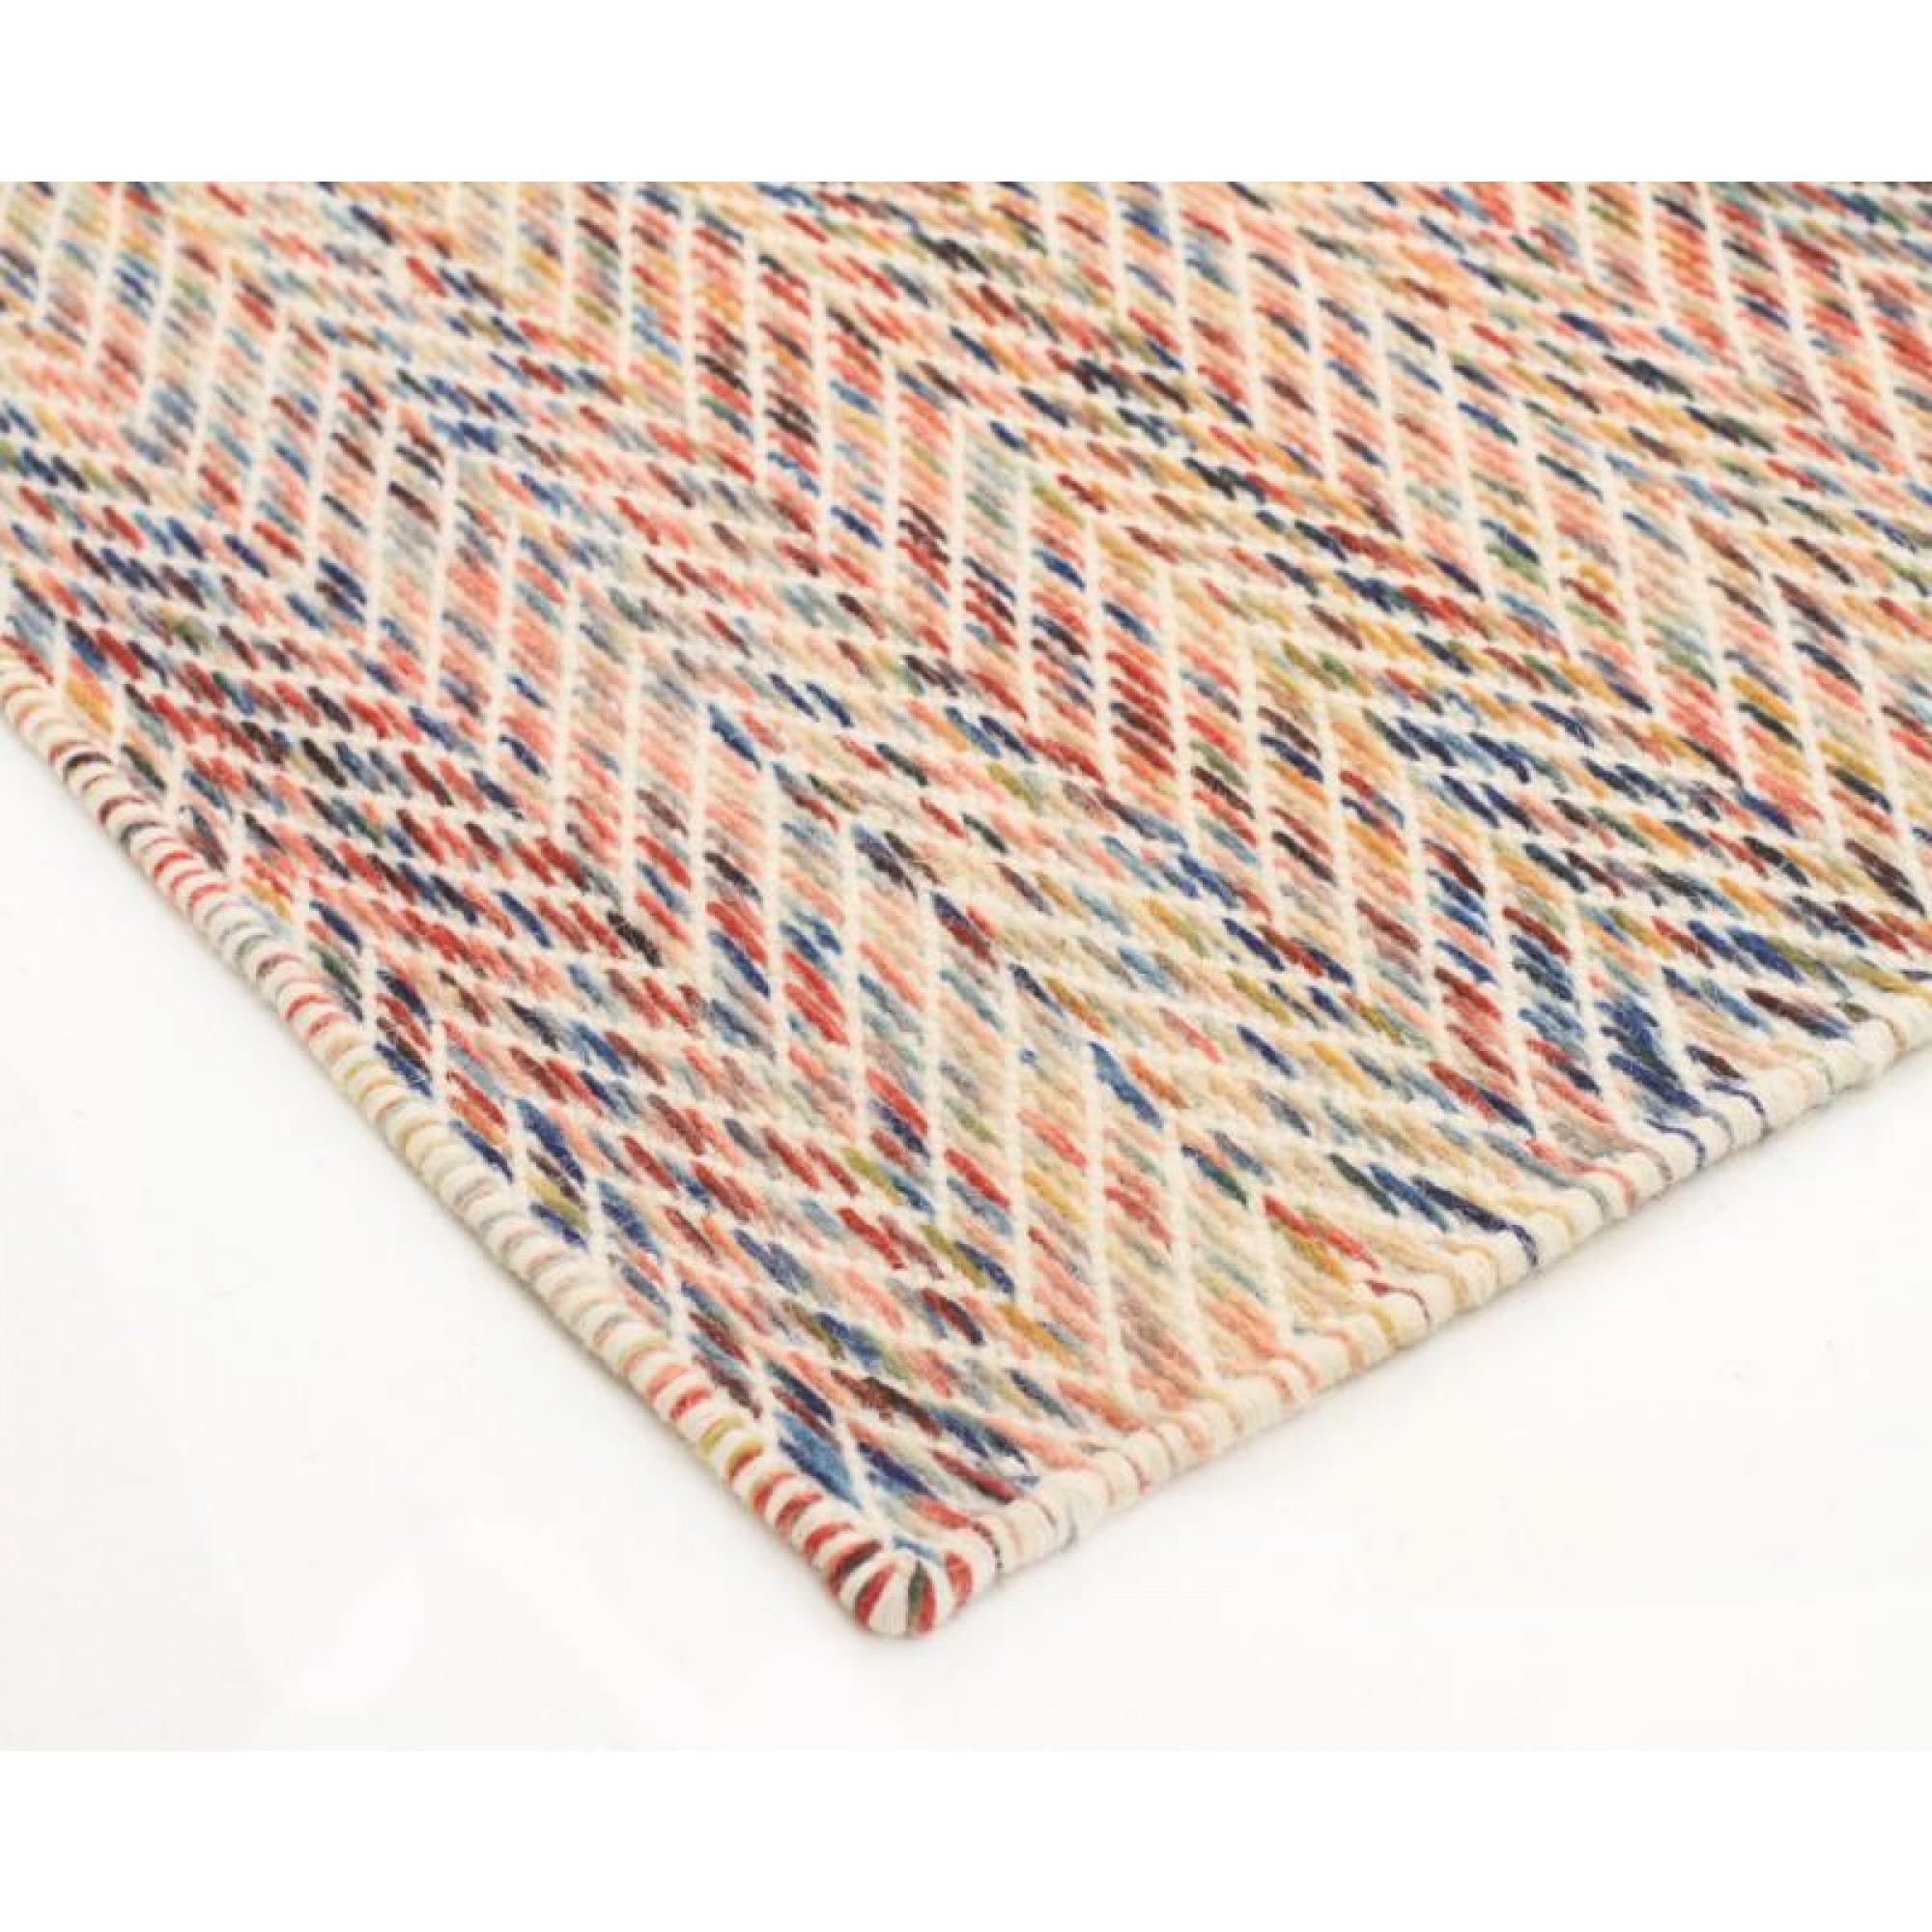 Wool Flat Weave Huish Herringbone Multi Coloured Floor Area Rug Intended For Wool Flat Weave Area Rugs (#13 of 15)